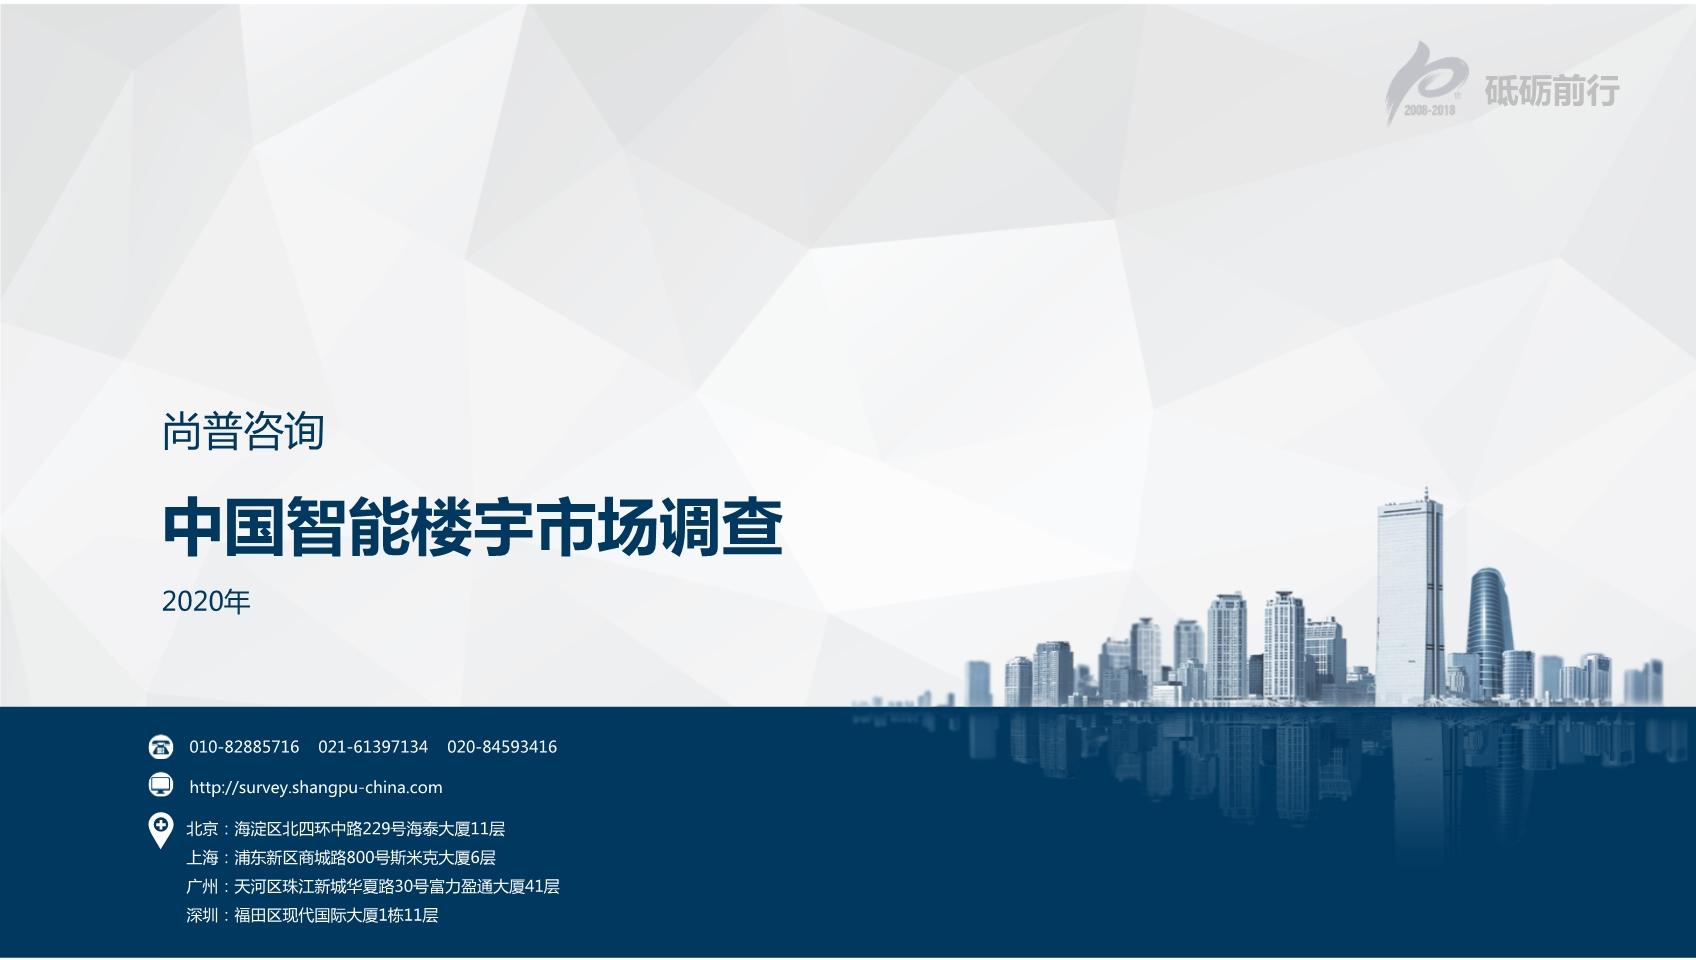 尚普咨询:2020年中国智能楼宇市场调查